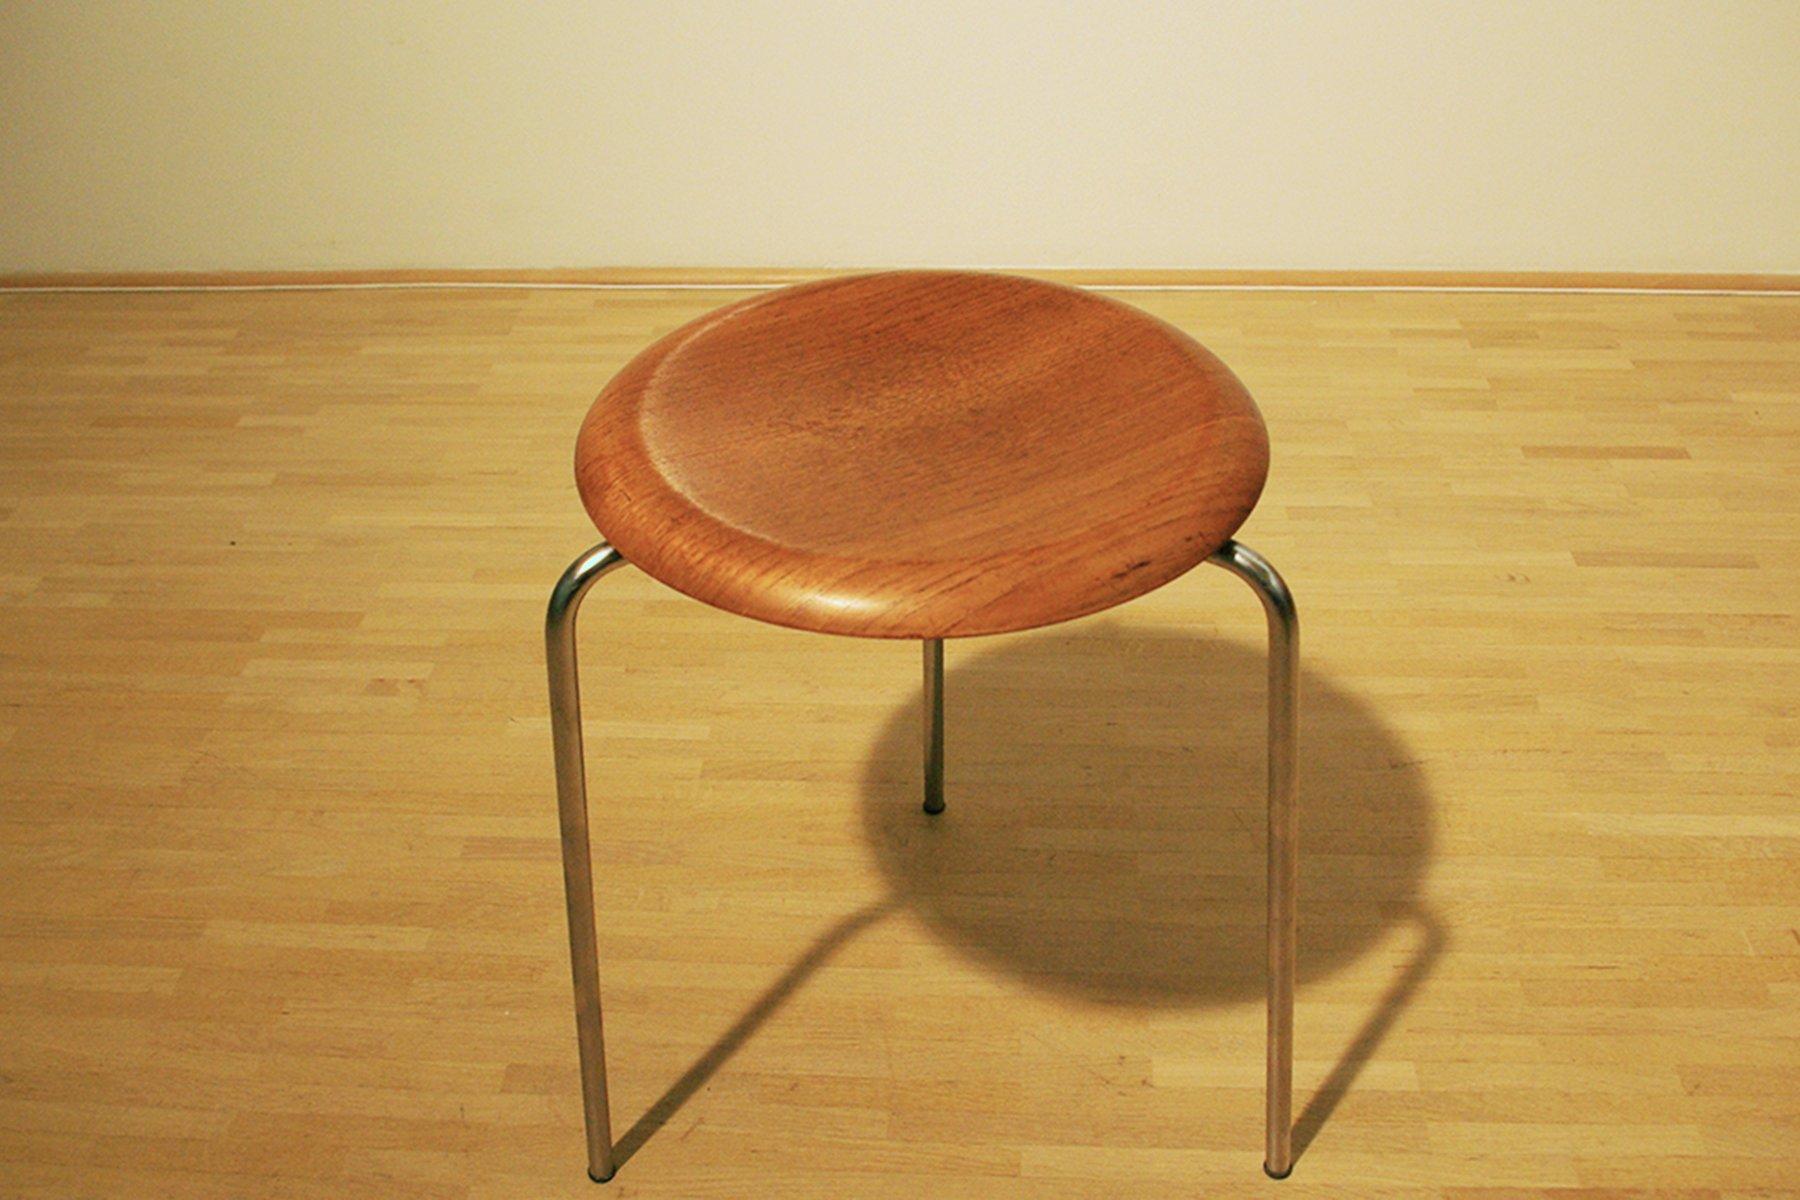 vintage modell 3170 dreibein hocker von arne jacobsen f r fritz hansen bei pamono kaufen. Black Bedroom Furniture Sets. Home Design Ideas